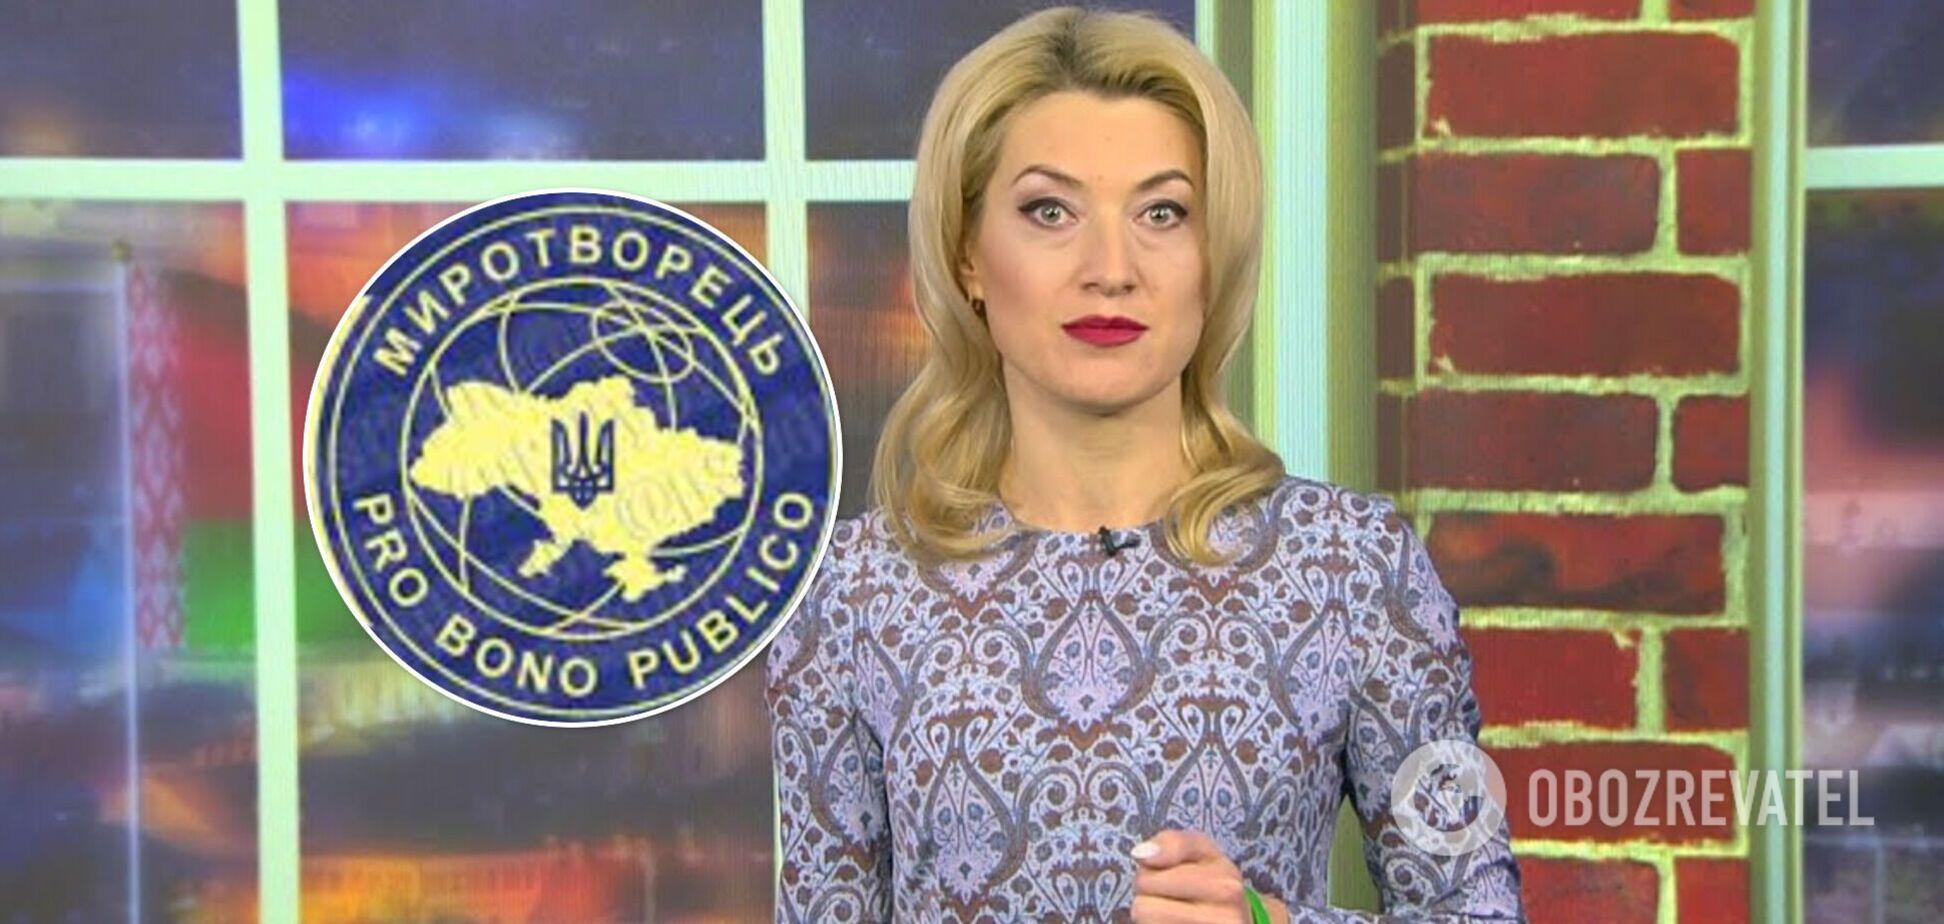 Пропагандистка из Беларуси попала в 'Миротворец' после фейка о 'голодающих украинцах'